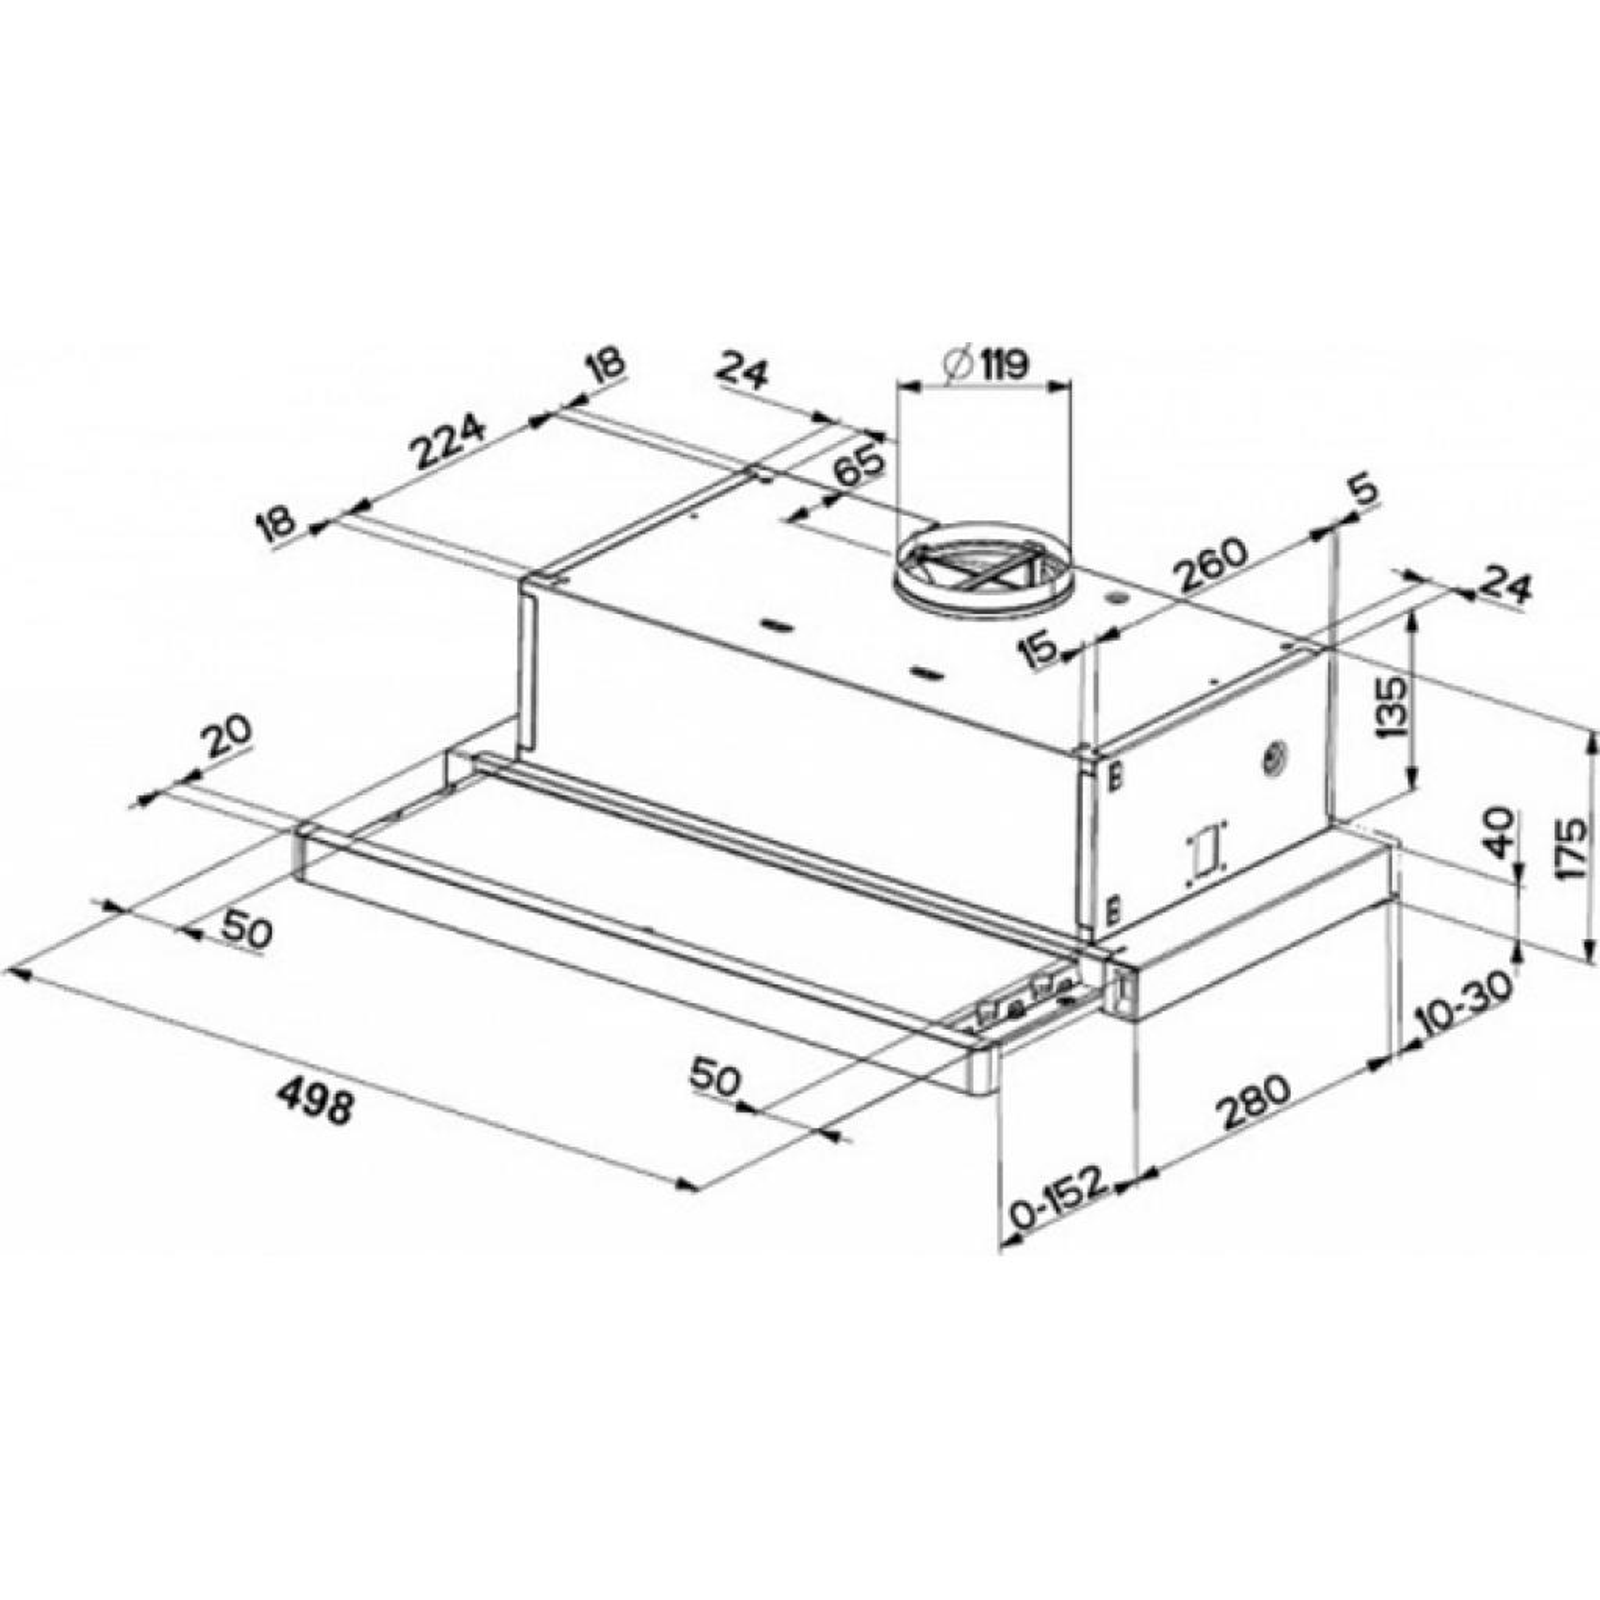 Вытяжка кухонная Faber FLEXA M6 AM/X A50 FB EXP изображение 2